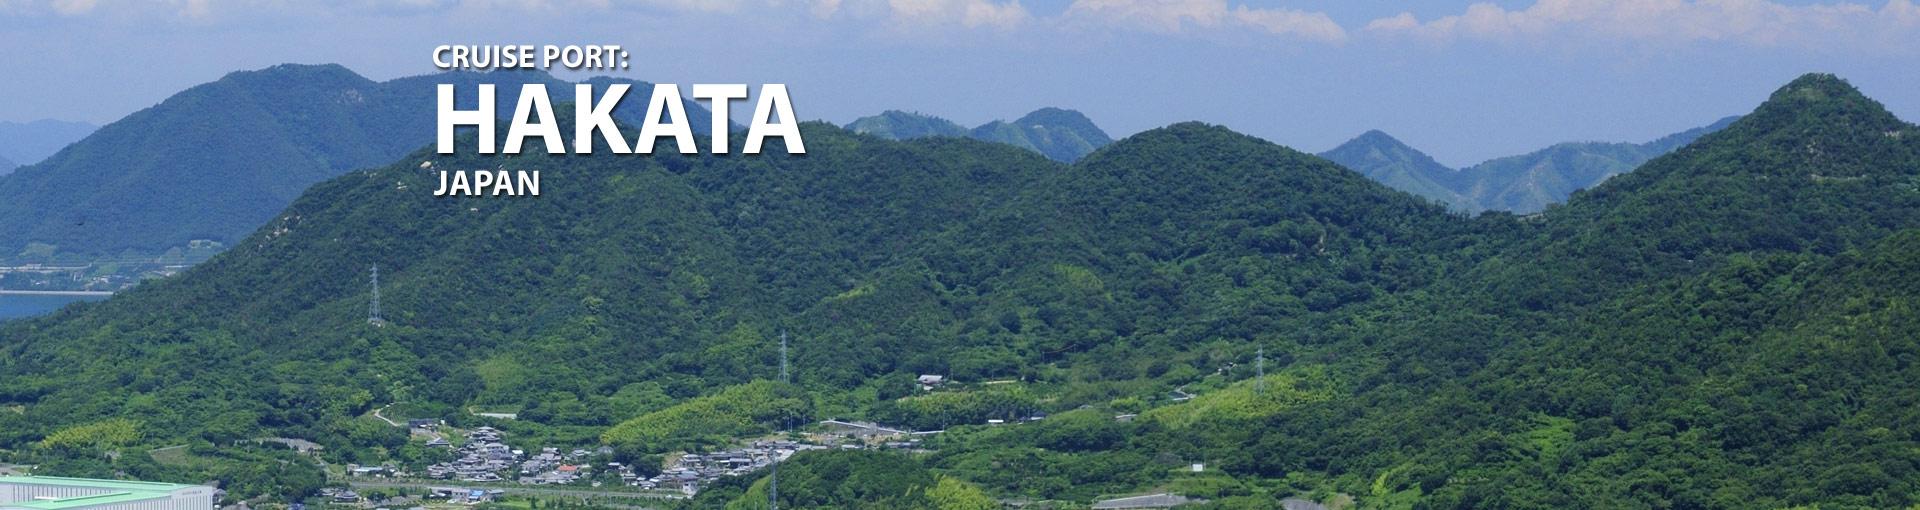 Cruises from Hakata, Japan